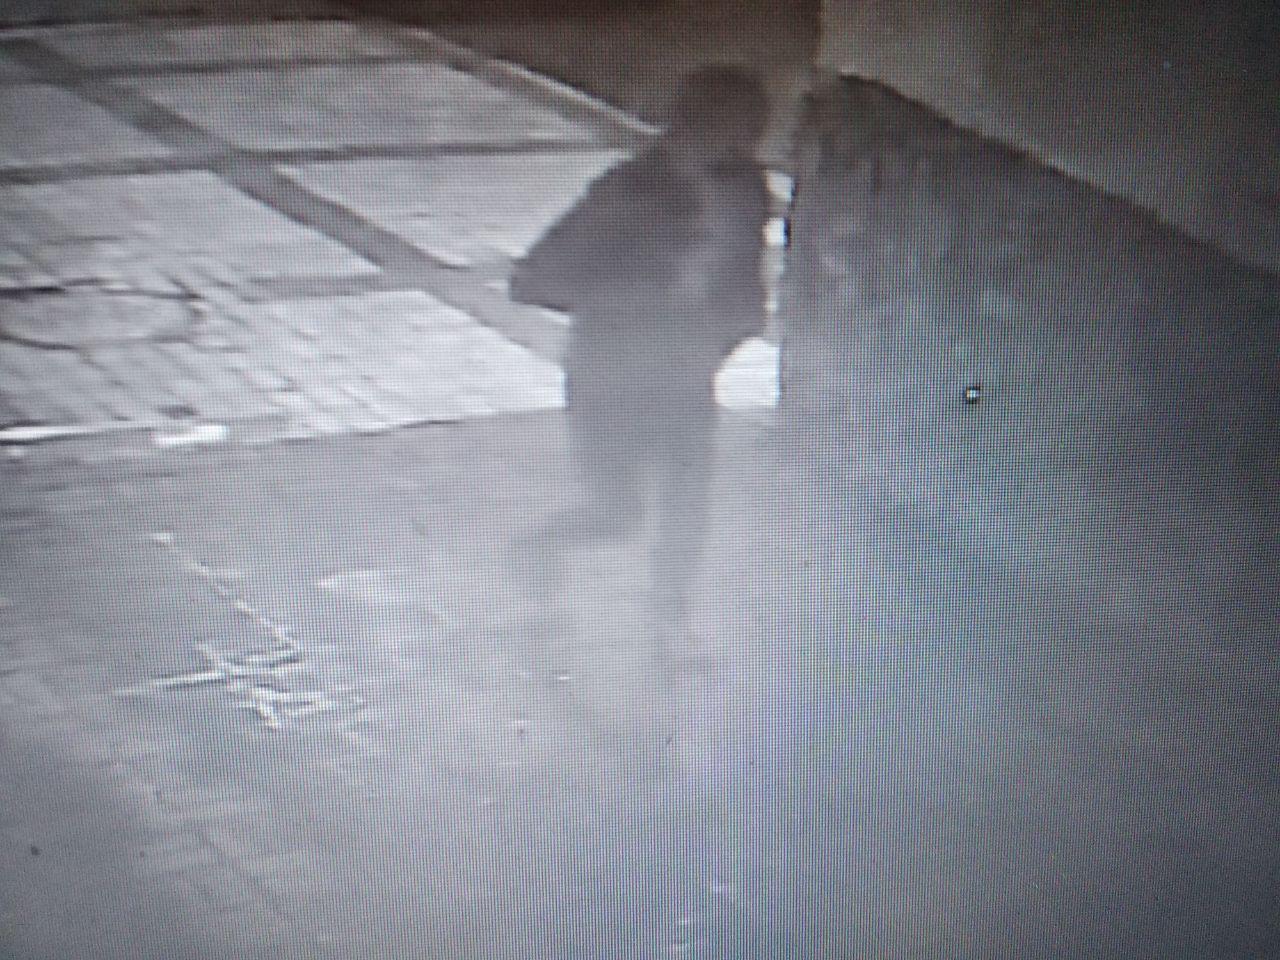 За совершения убийства в центре Киева полиция разыскивает мужчину